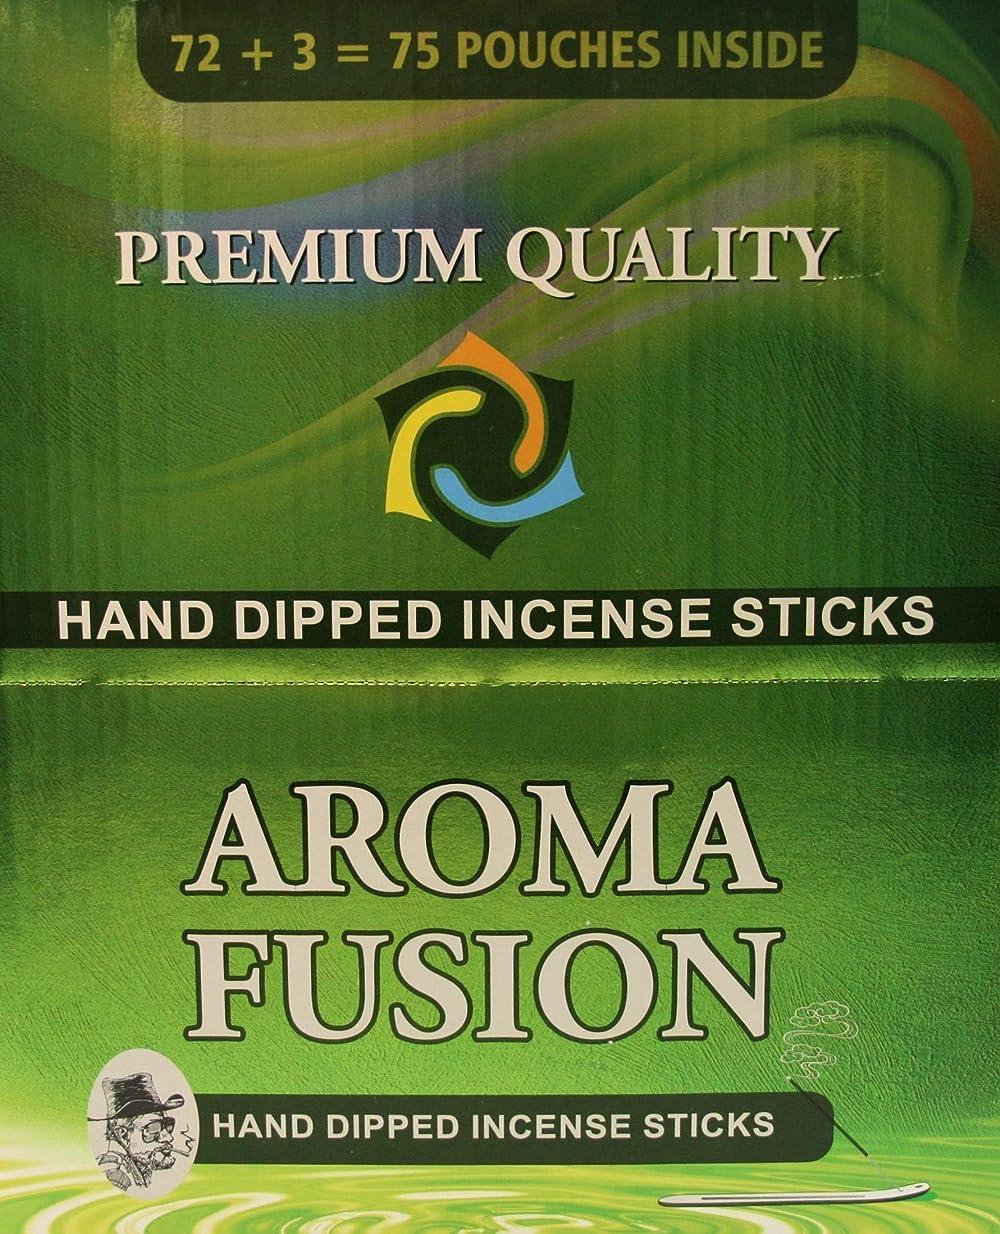 トピック繁栄雷雨アロマフュージョンプレミアム品質手染めお香スティック | 75種類ポーチ | 合計1,125本 | 20種類の香り | お香ディスプレイケース